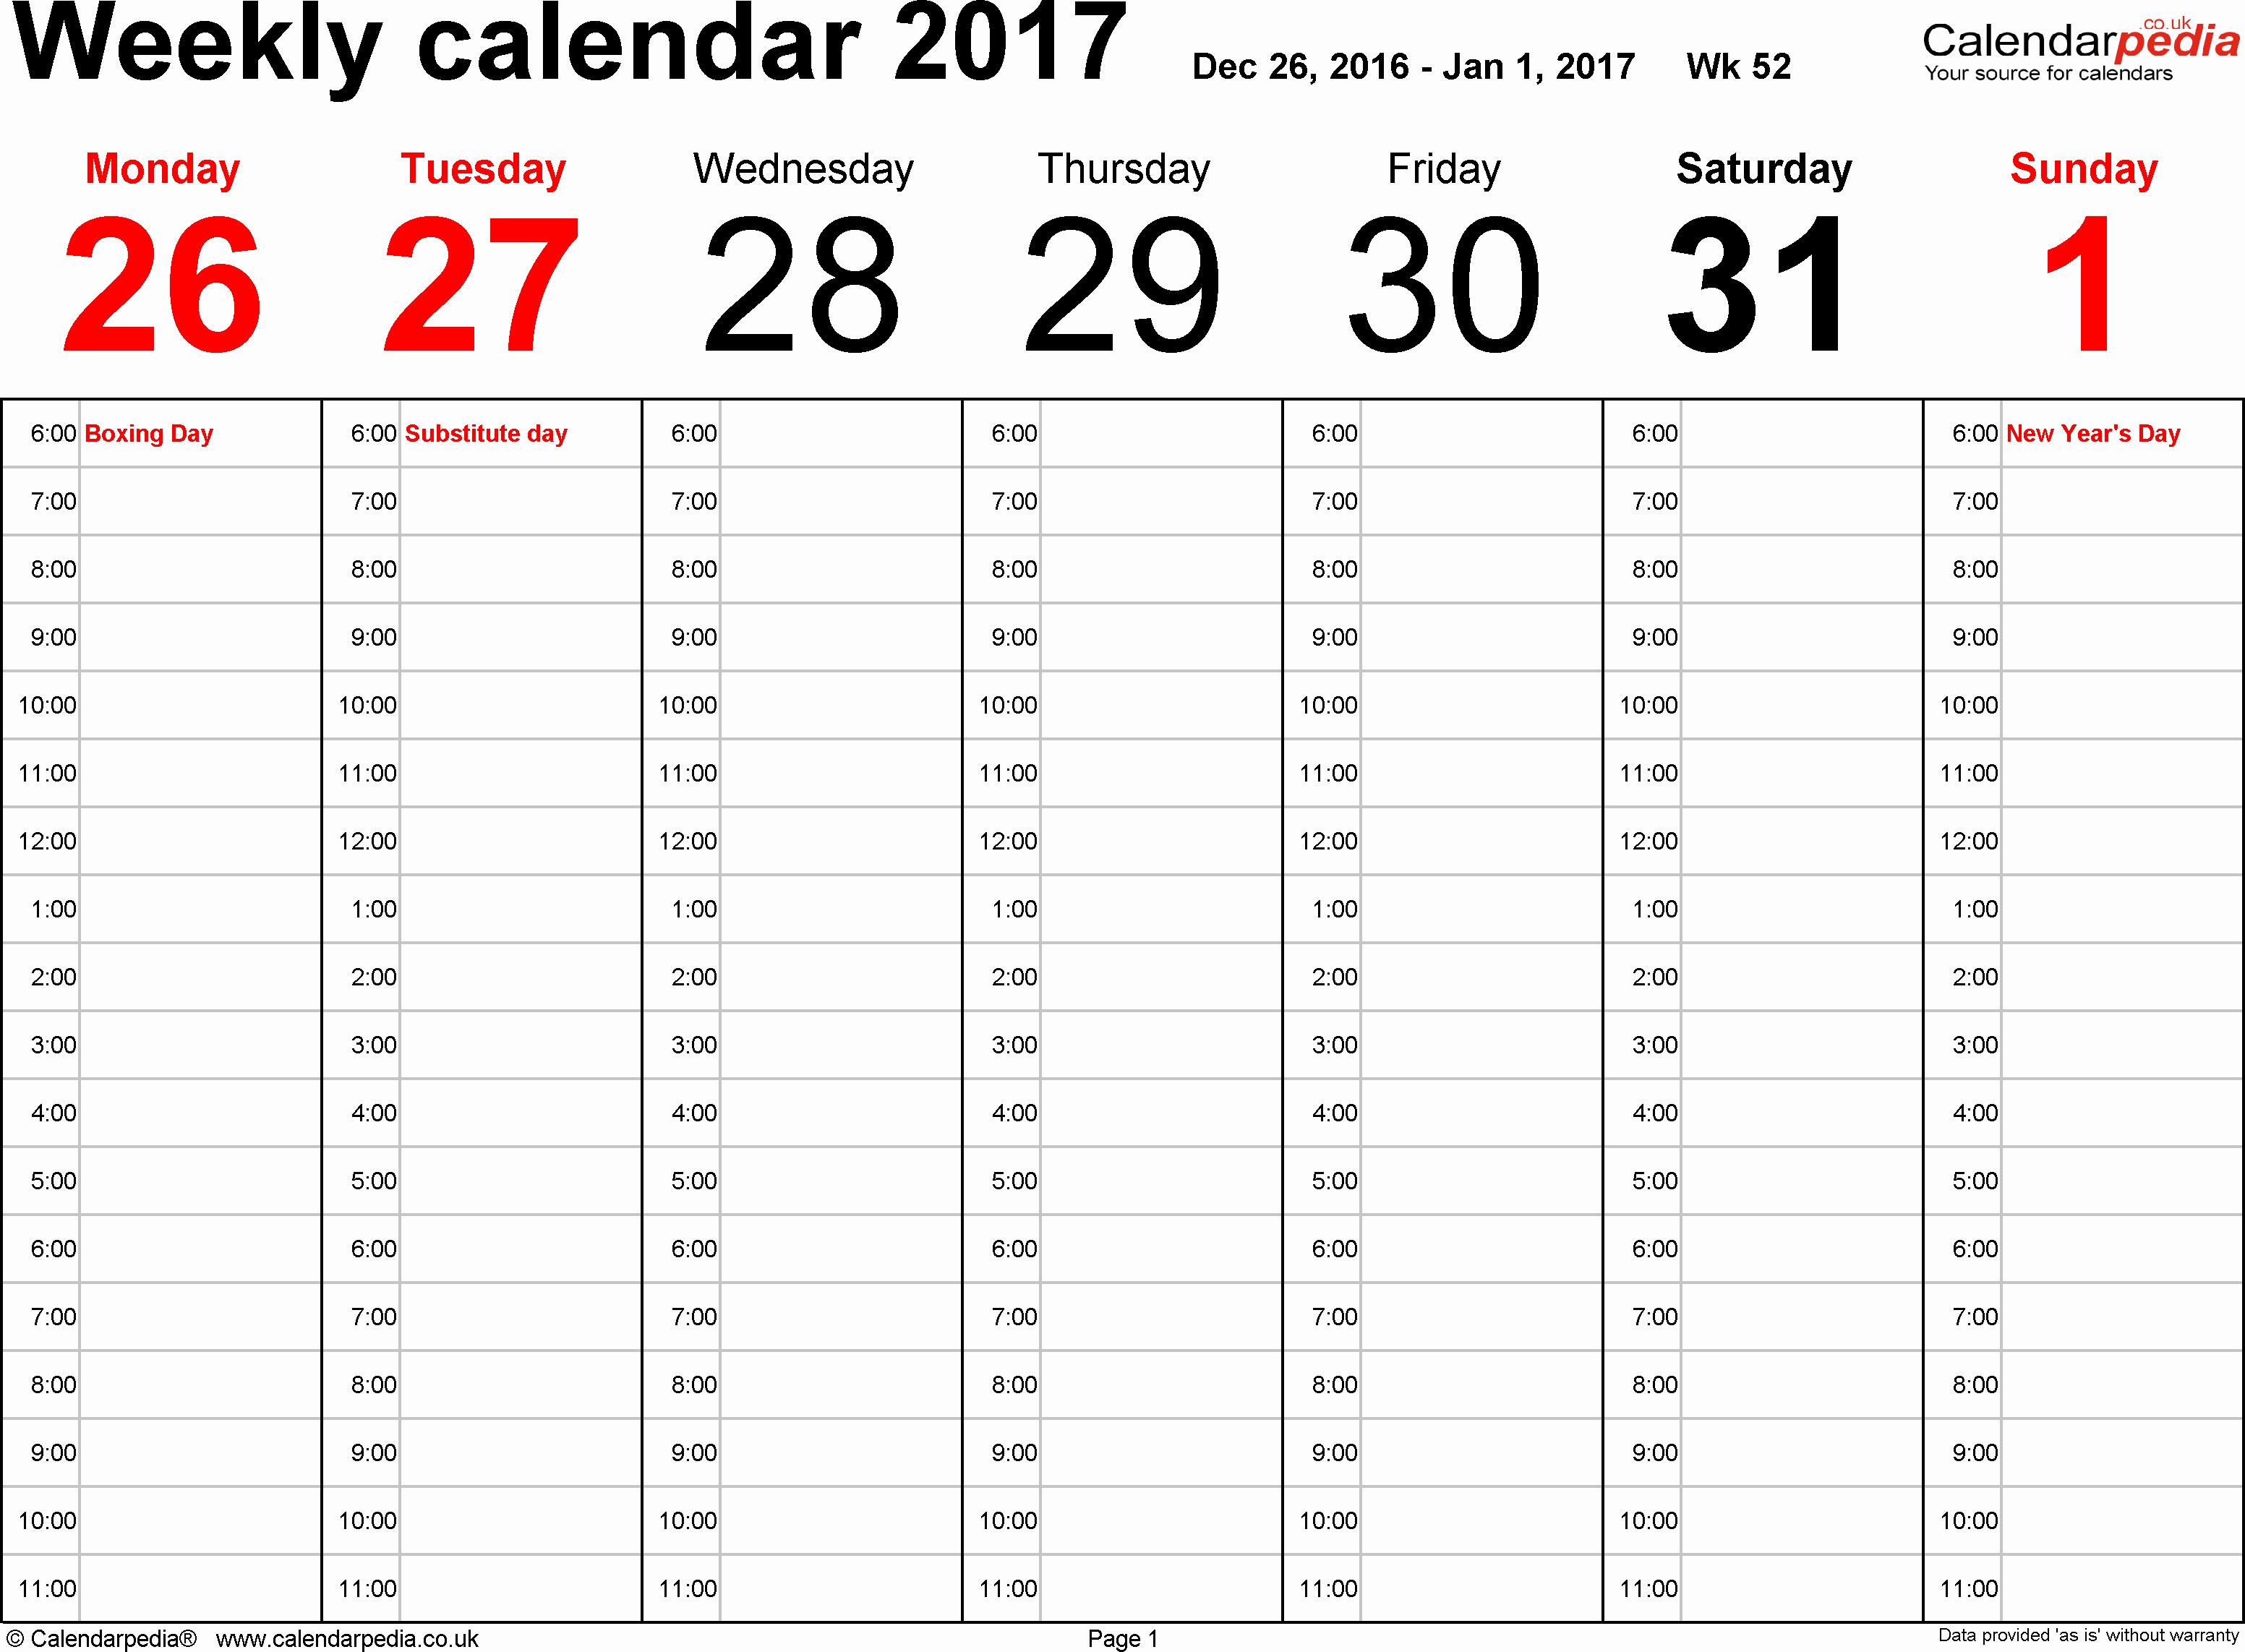 Week by Week Calendar Template Luxury Weekly Calendar 2017 Uk Free Printable Templates for Excel